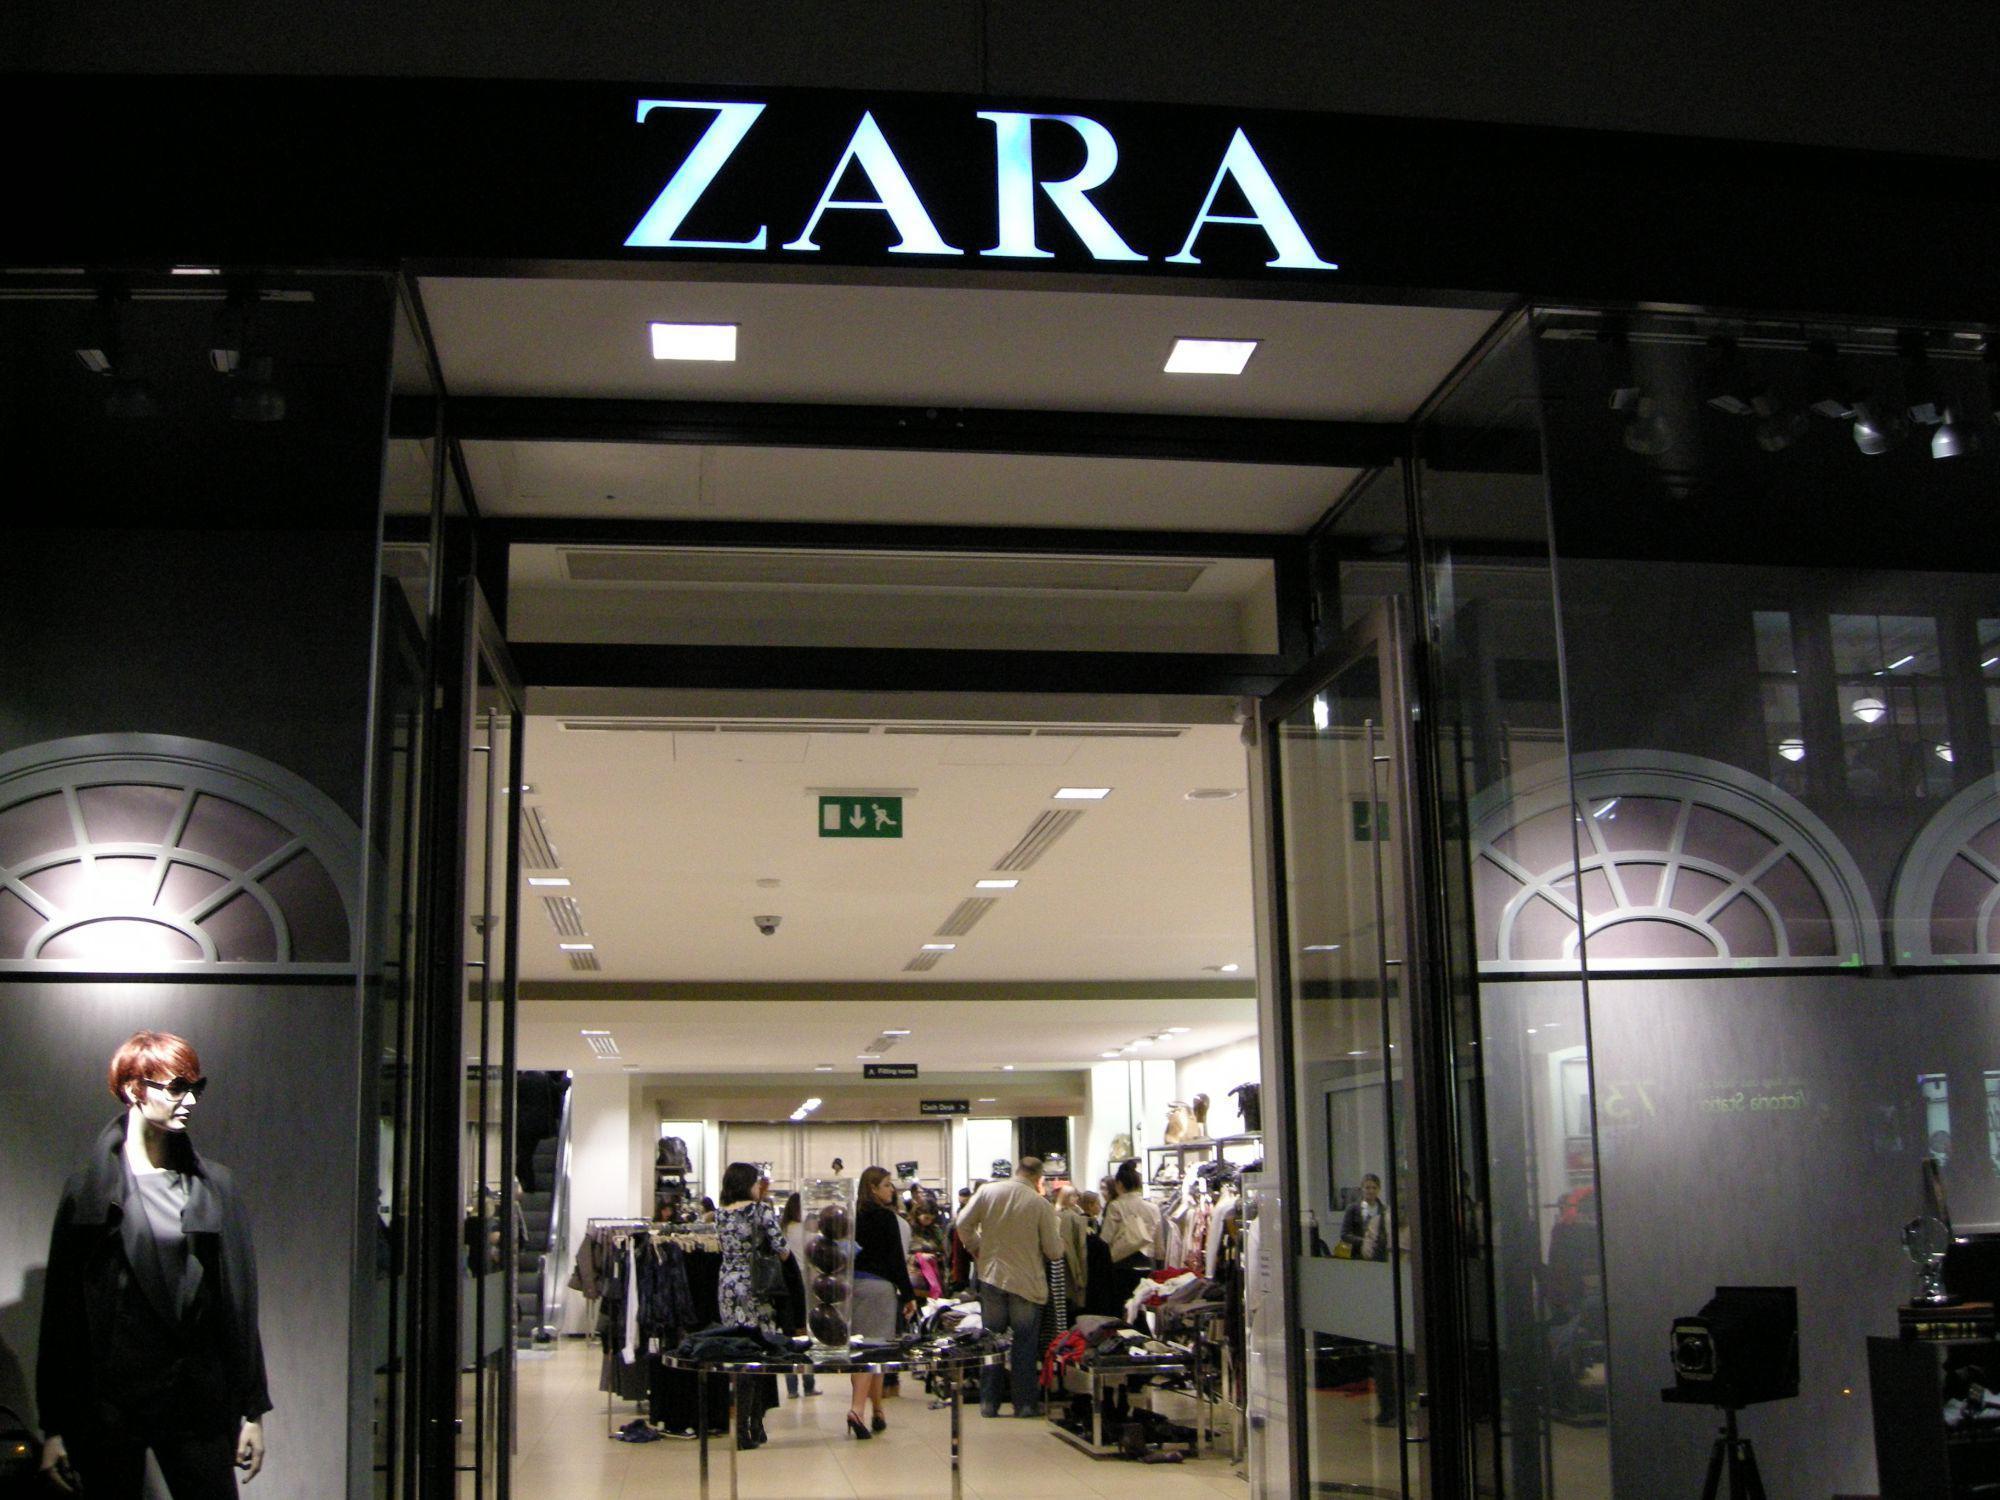 El Zara más grande de Latinoamérica cuenta con 12.000 metros cuadrados / Foto: Aurelijus Valeiša